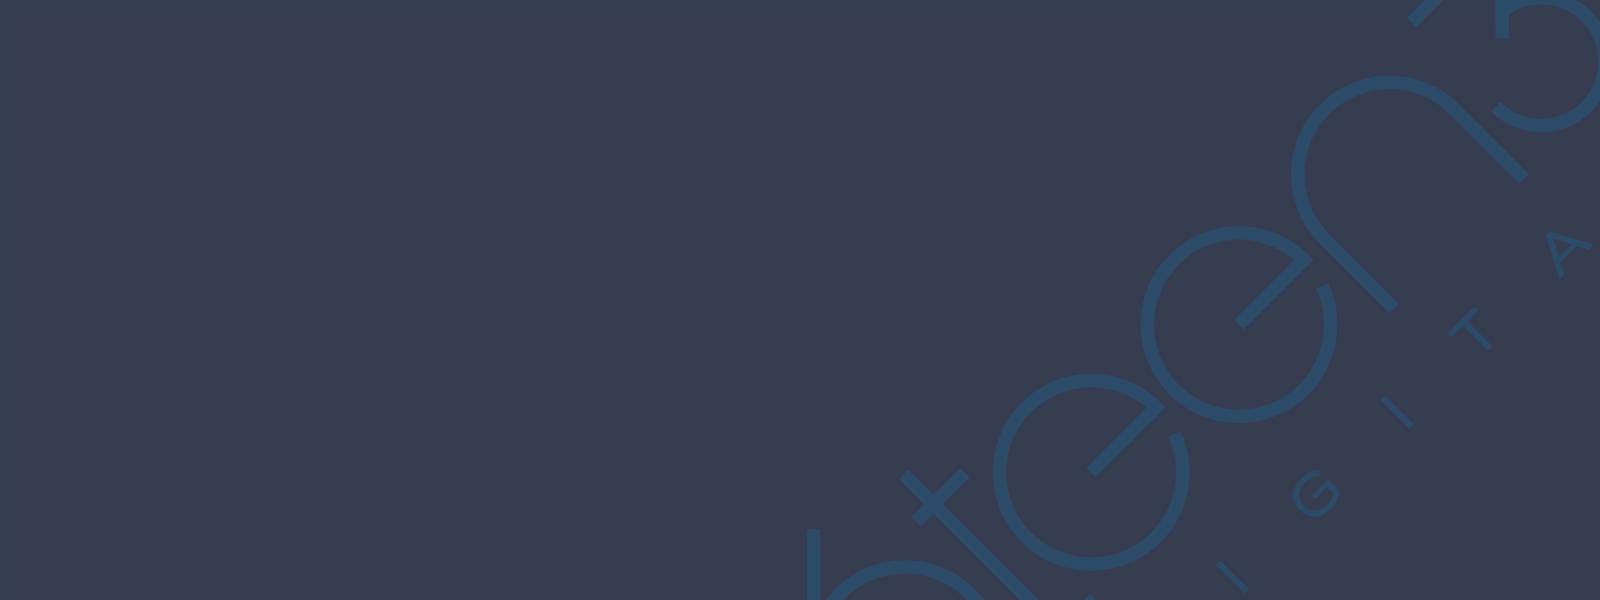 Website Headers_6t30 - Dark Blue 6